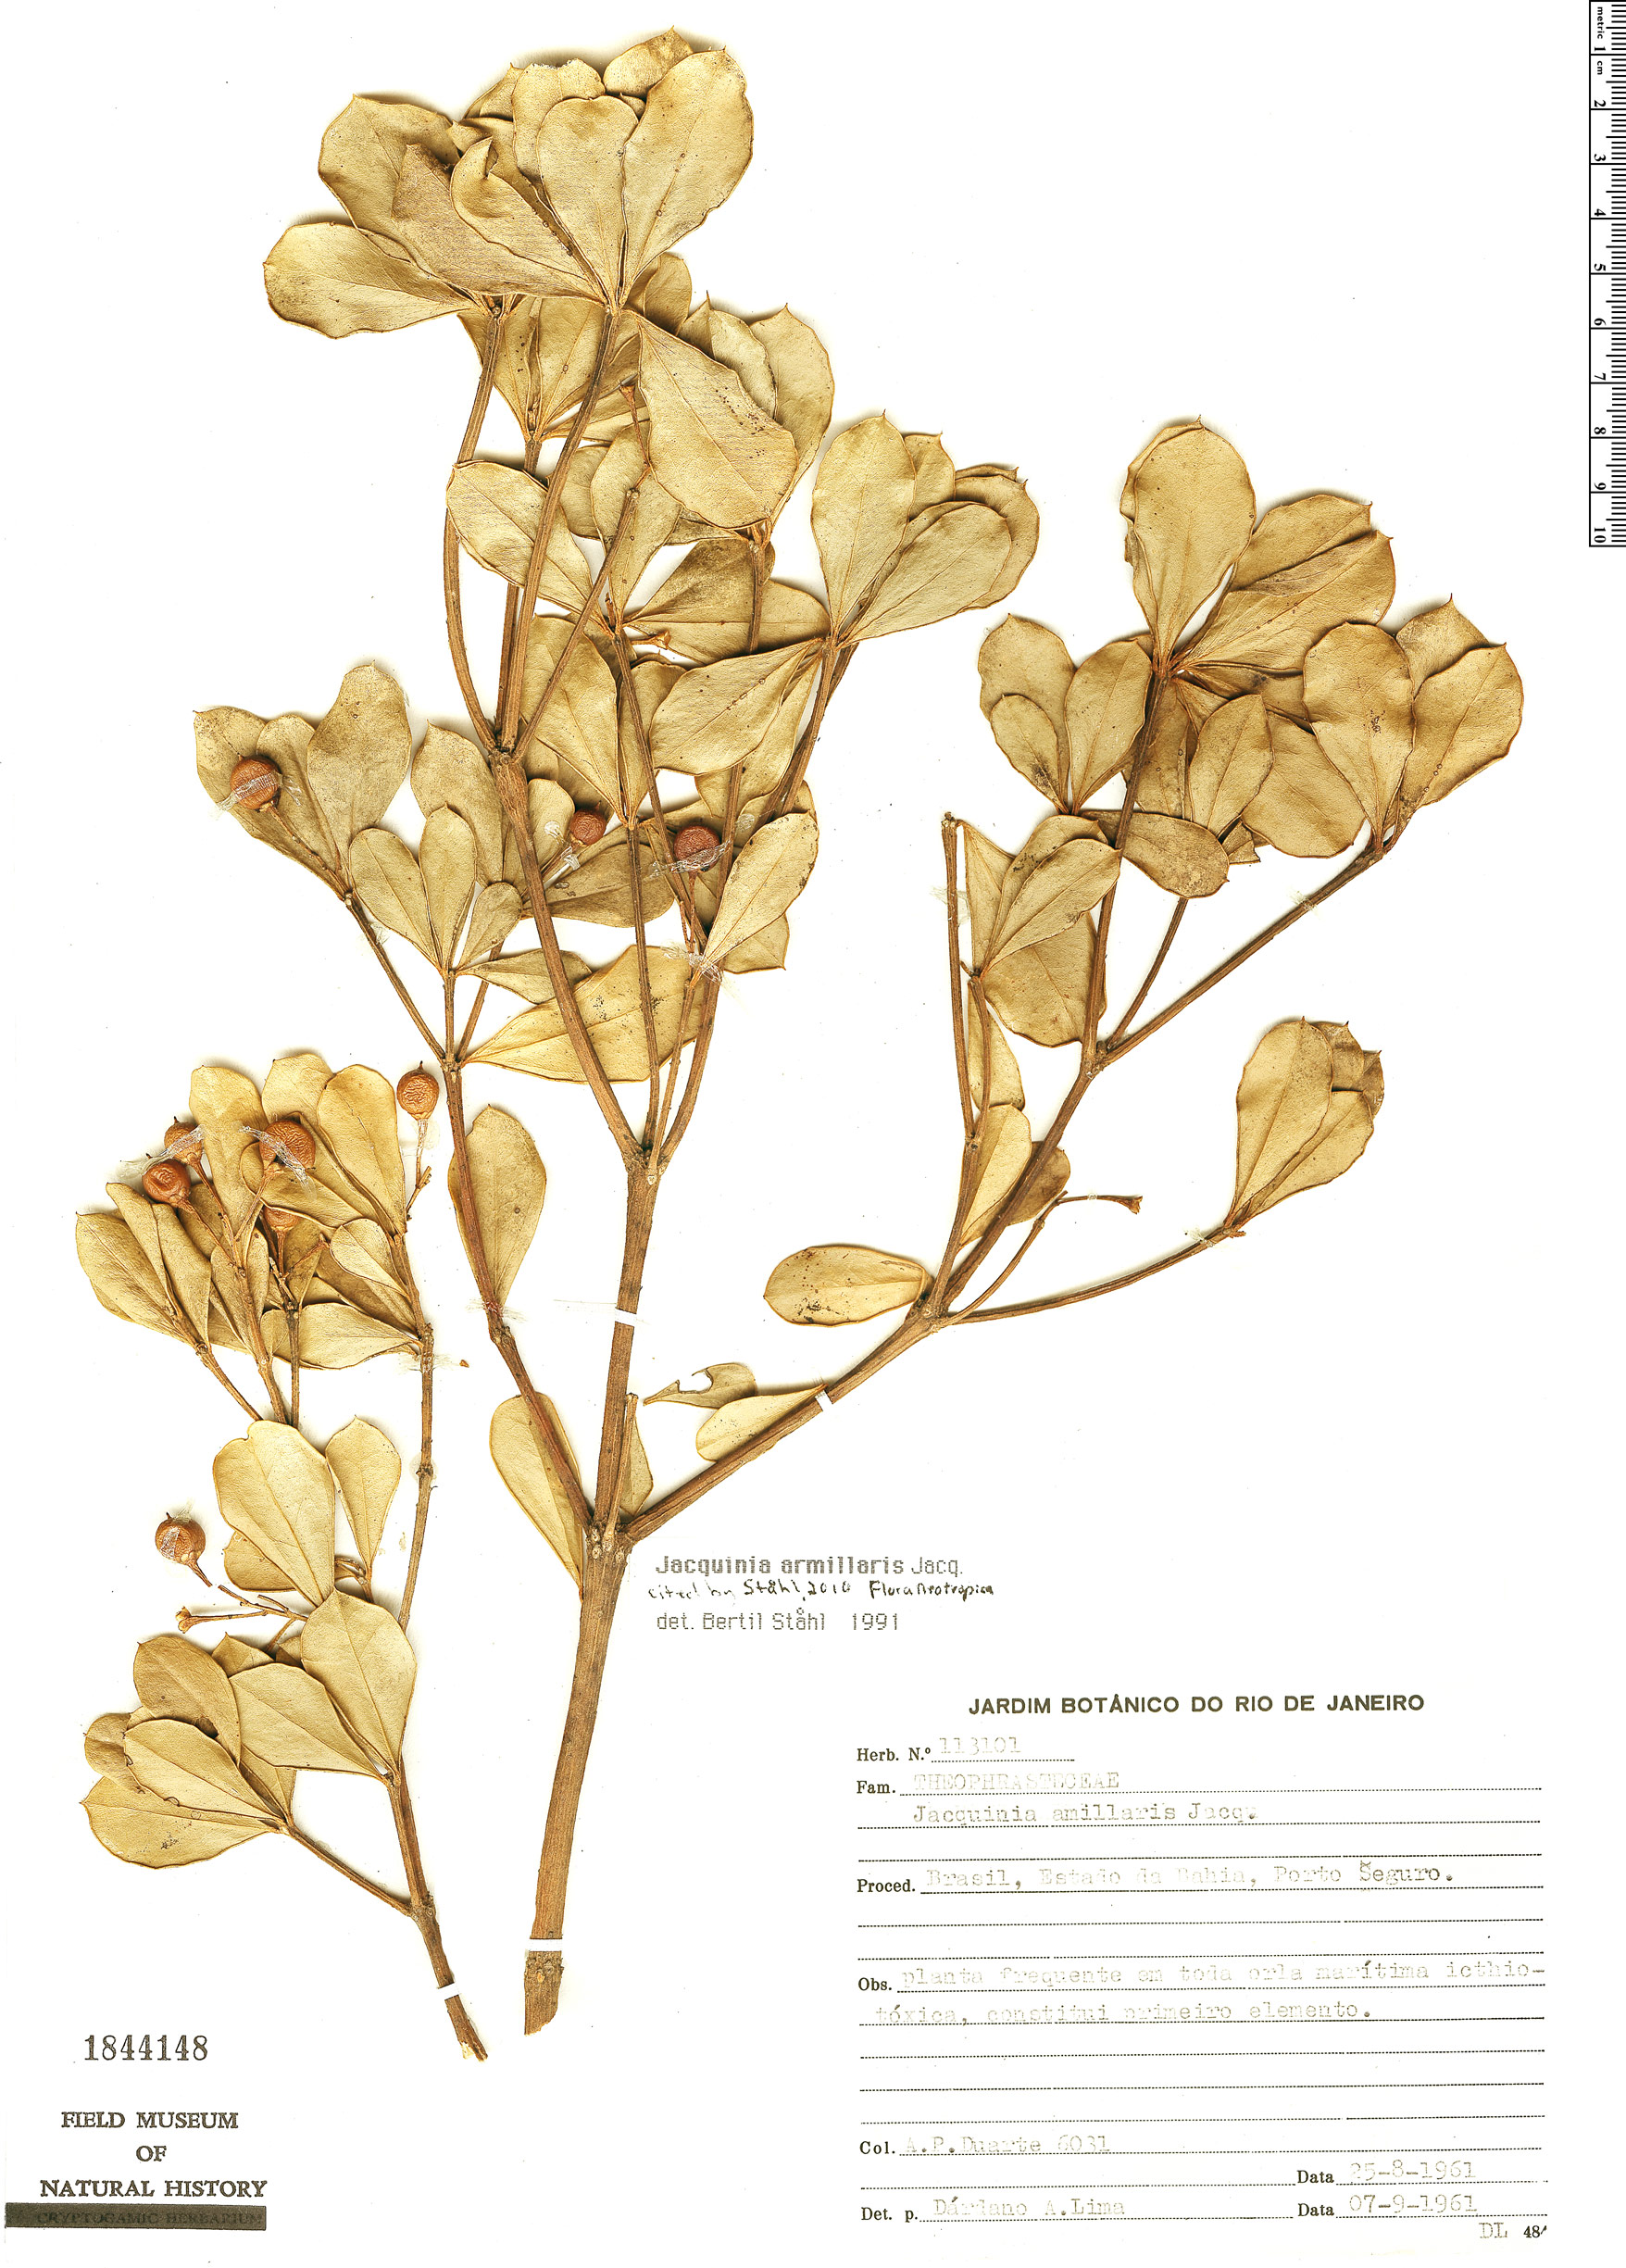 Specimen: Jacquinia armillaris